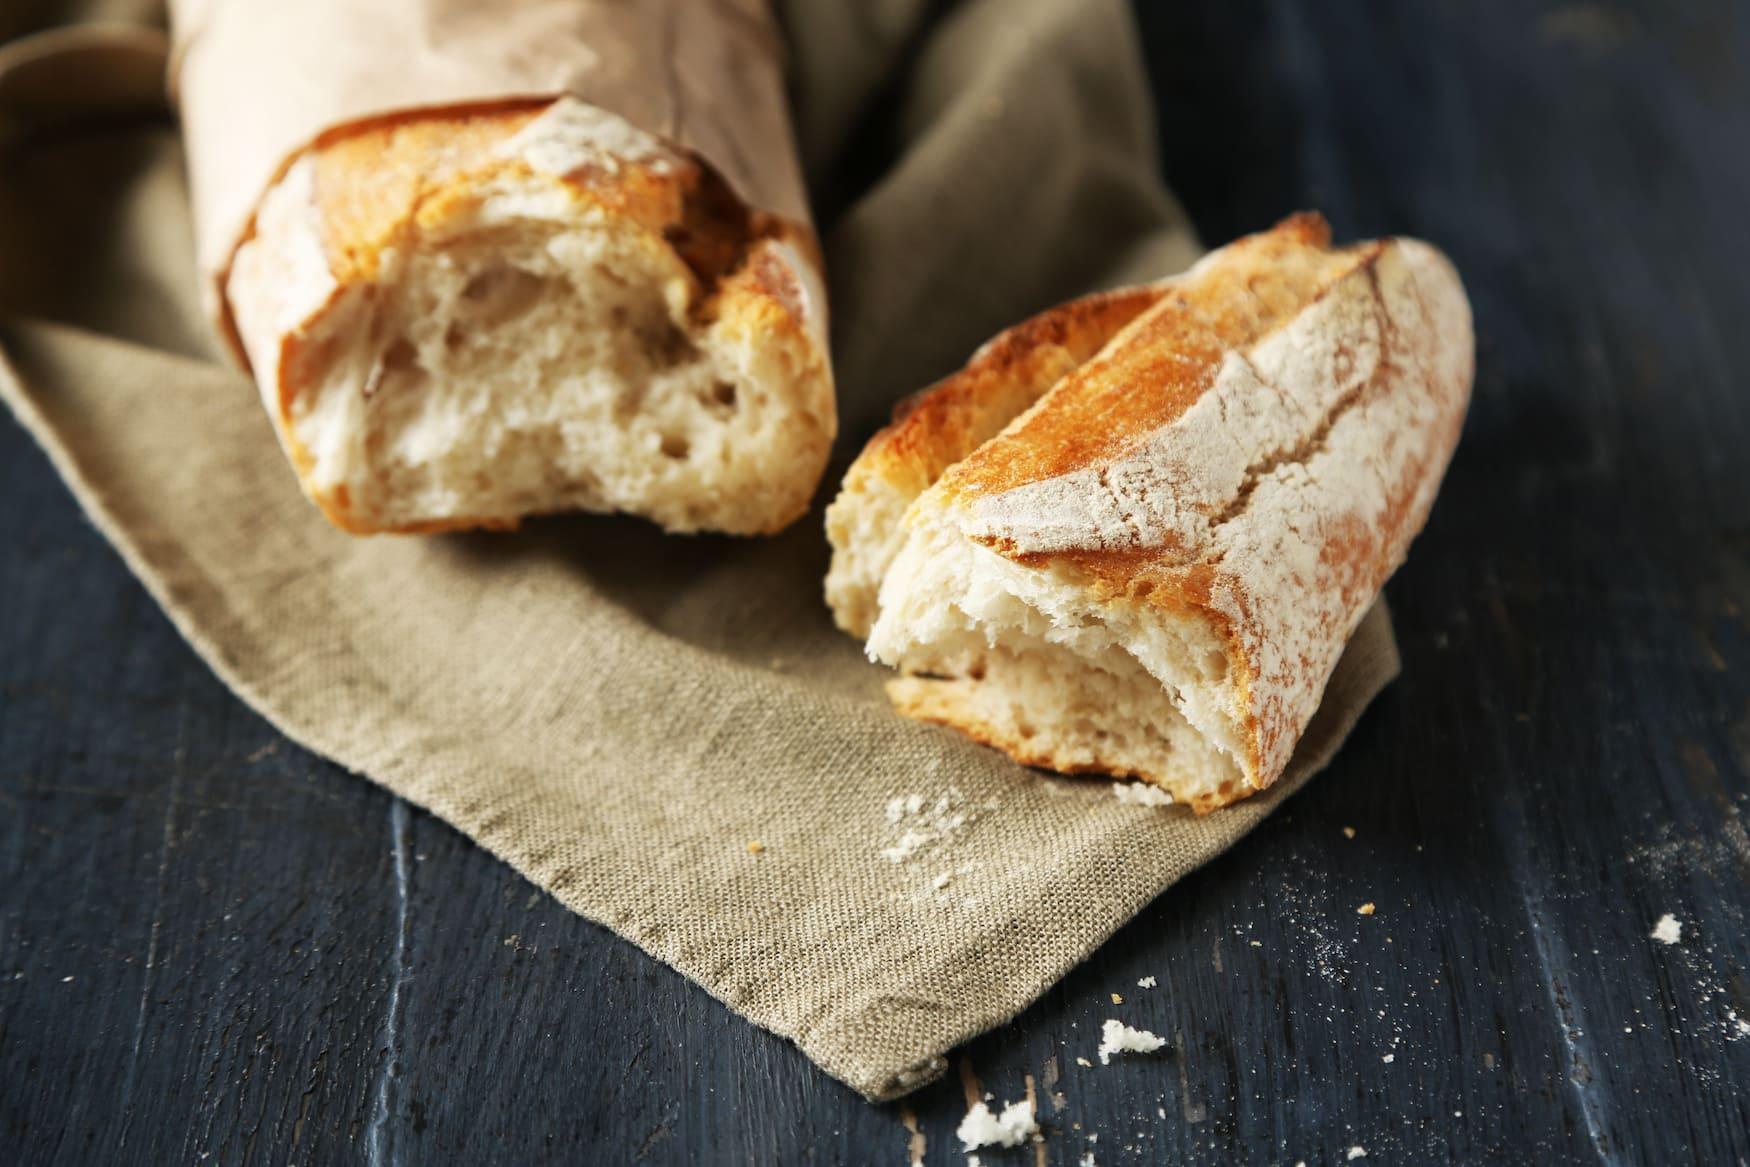 Frankreich-Knigge: Das Baguette niemals schneiden, sondern reißen!